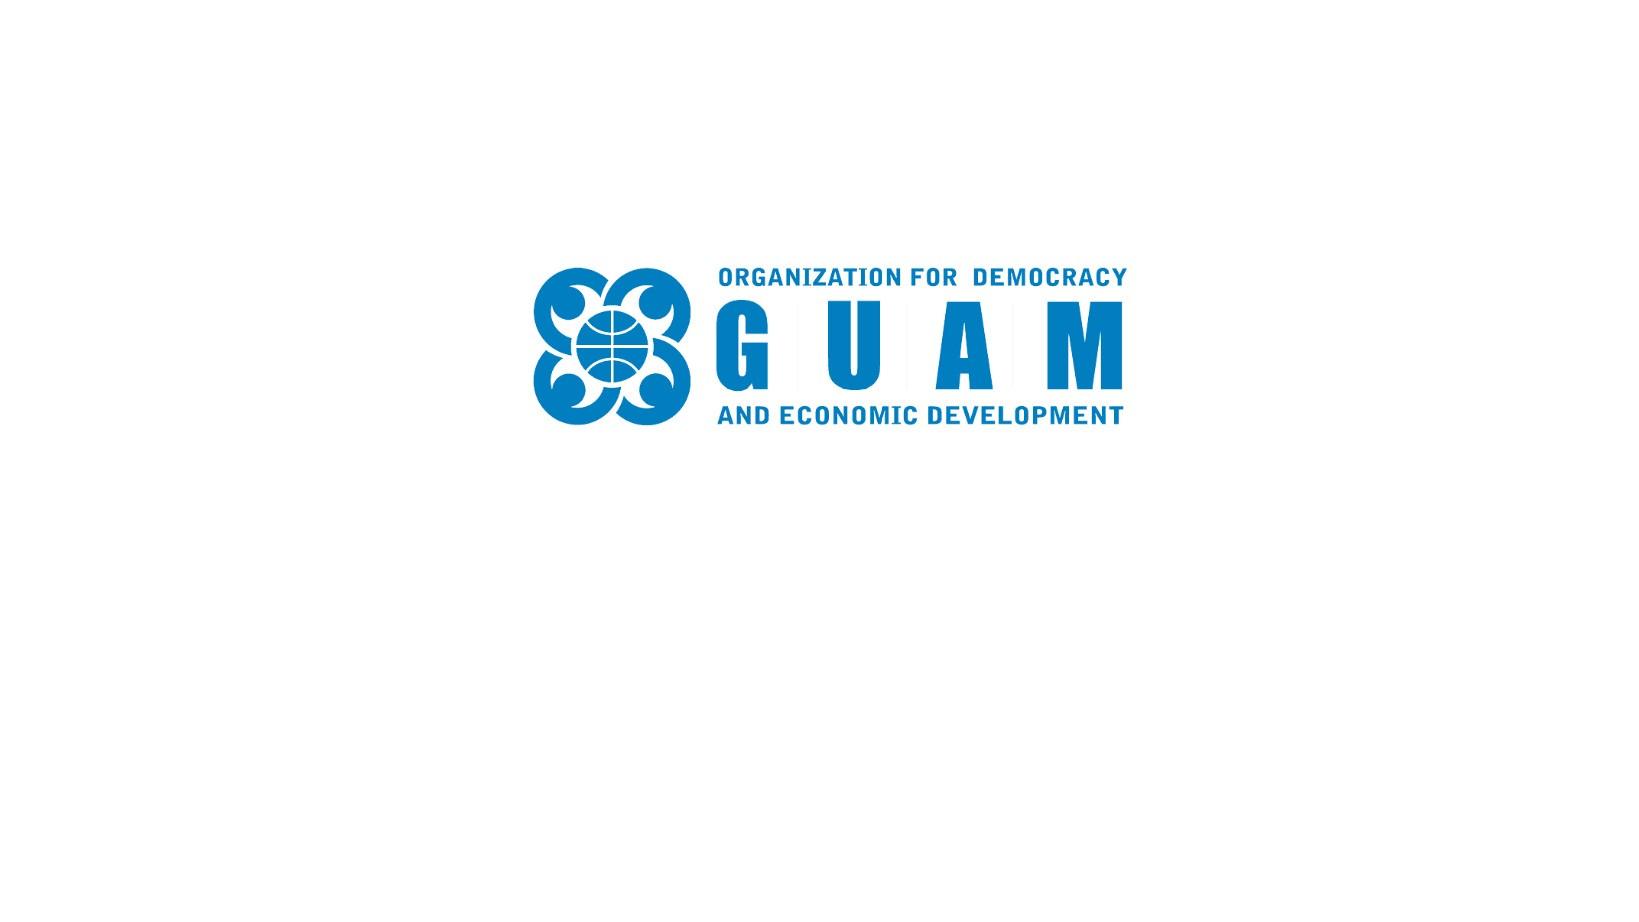 GUAM-da turizmdəki cari vəziyyət müzakirə olunub